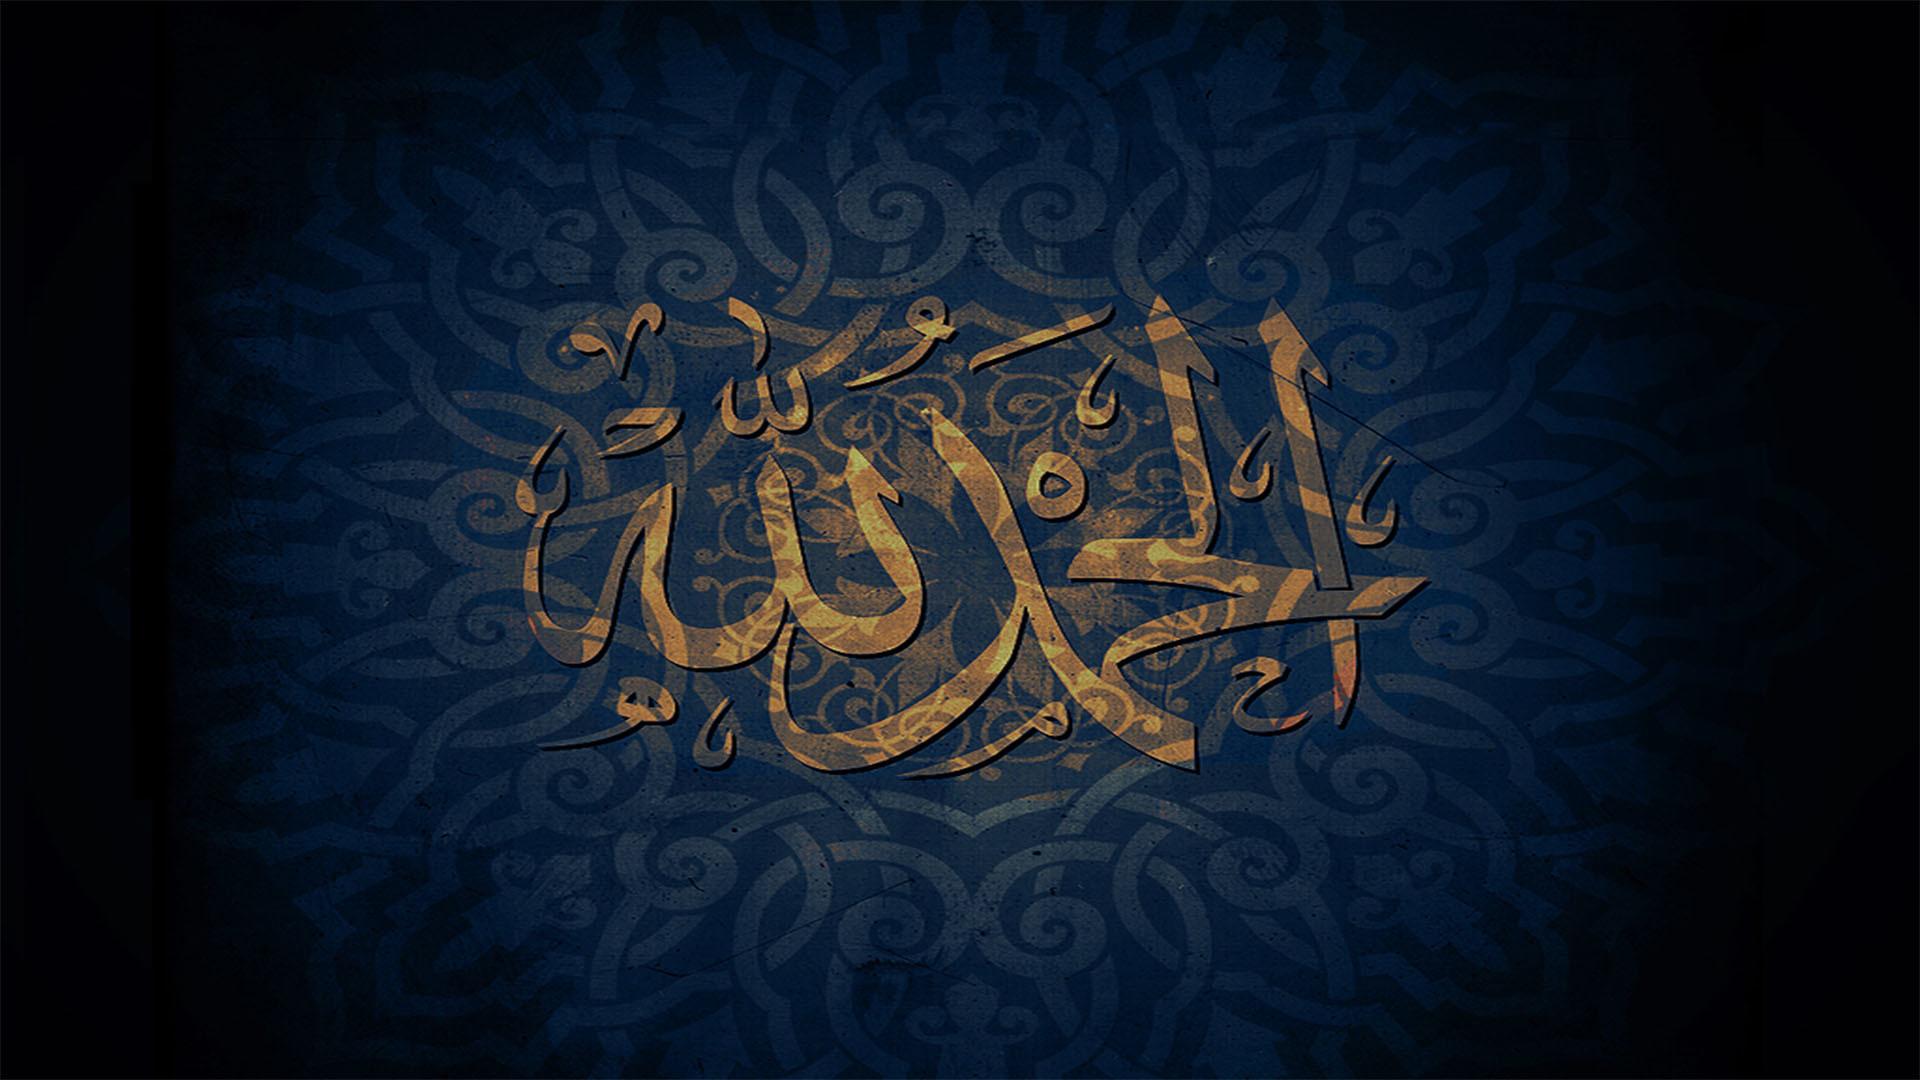 аллах 3д картинки на телефон 720х1280